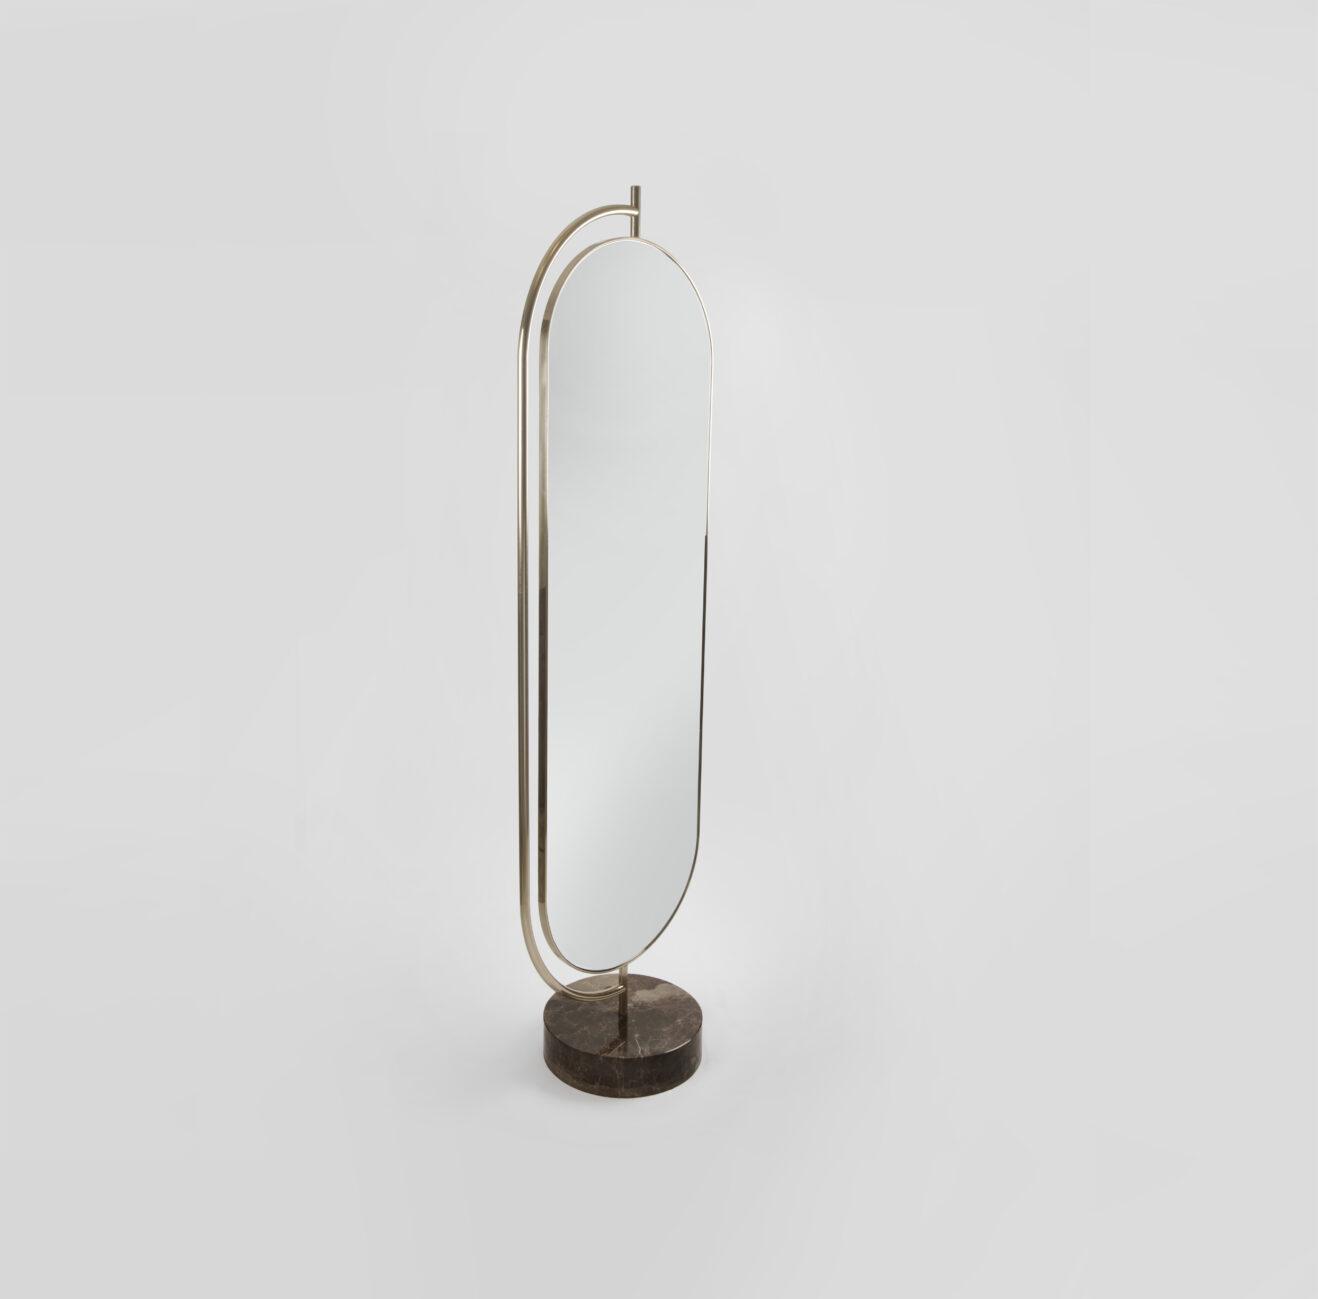 Giove mirror by Artefatto x Secolo 1